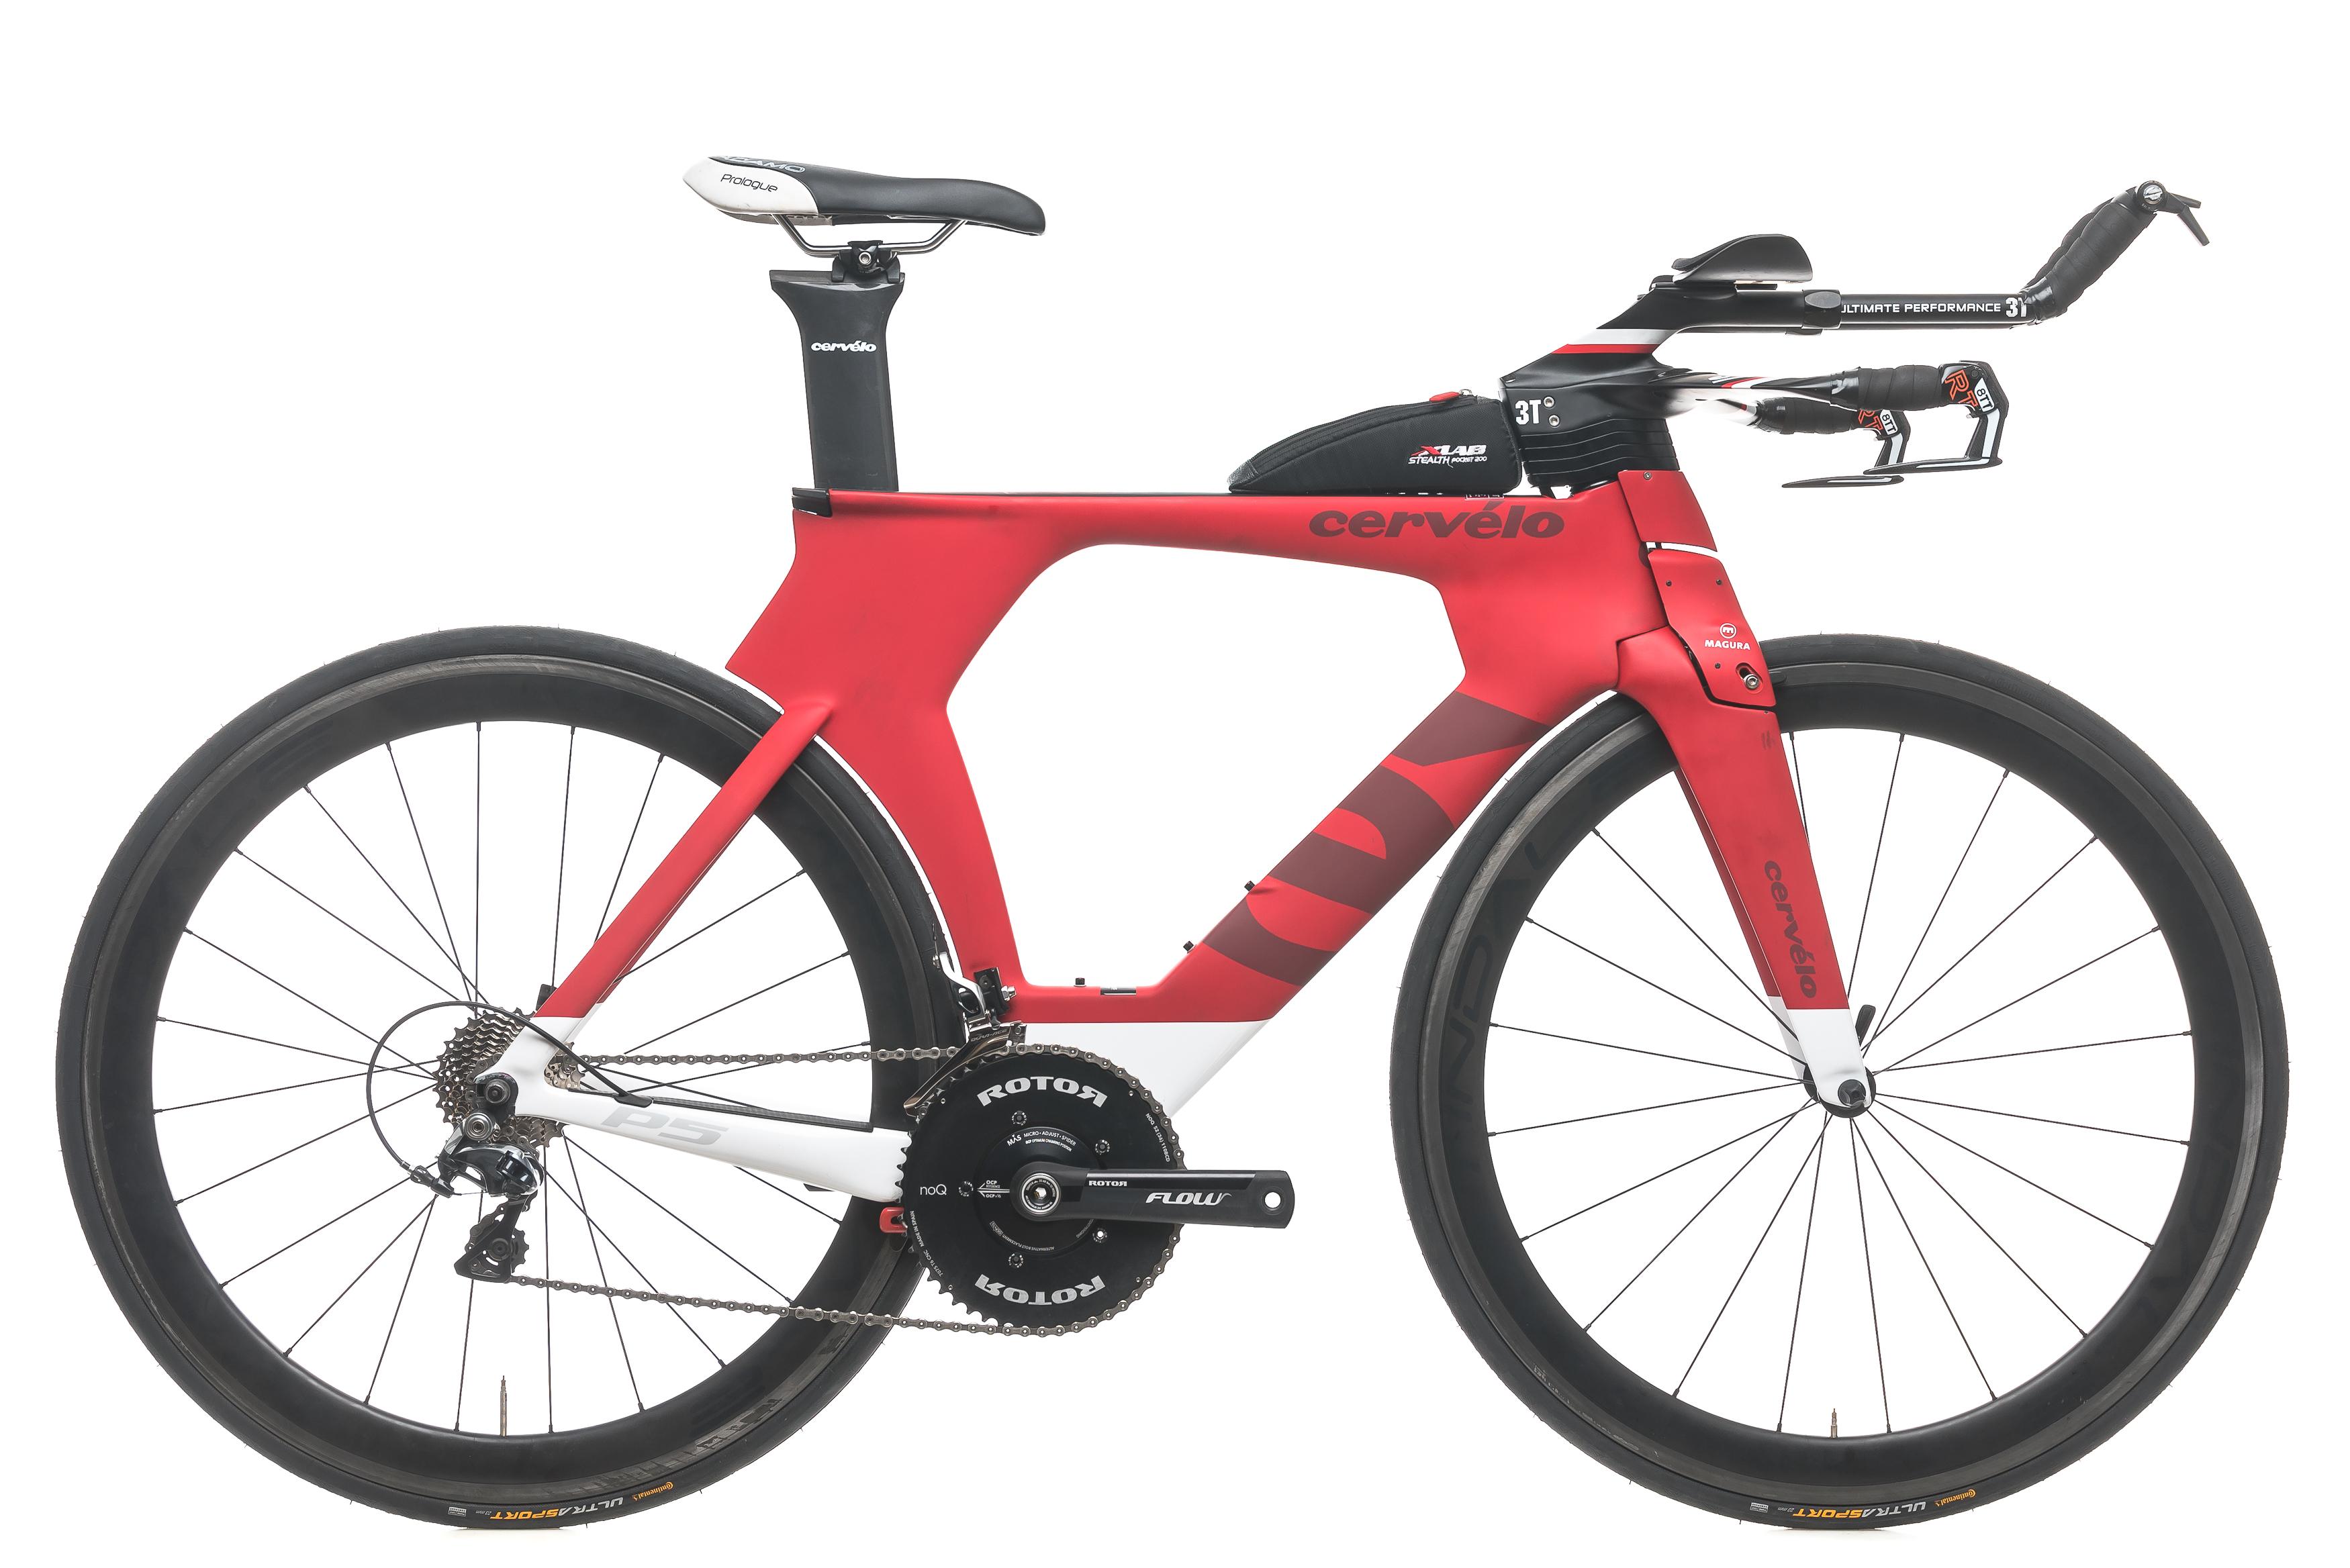 a26a51c0781 2015 Cervelo P5 Six Time Trial Bike 54cm Medium Carbon Shimano Dura-Ace  9000 11s